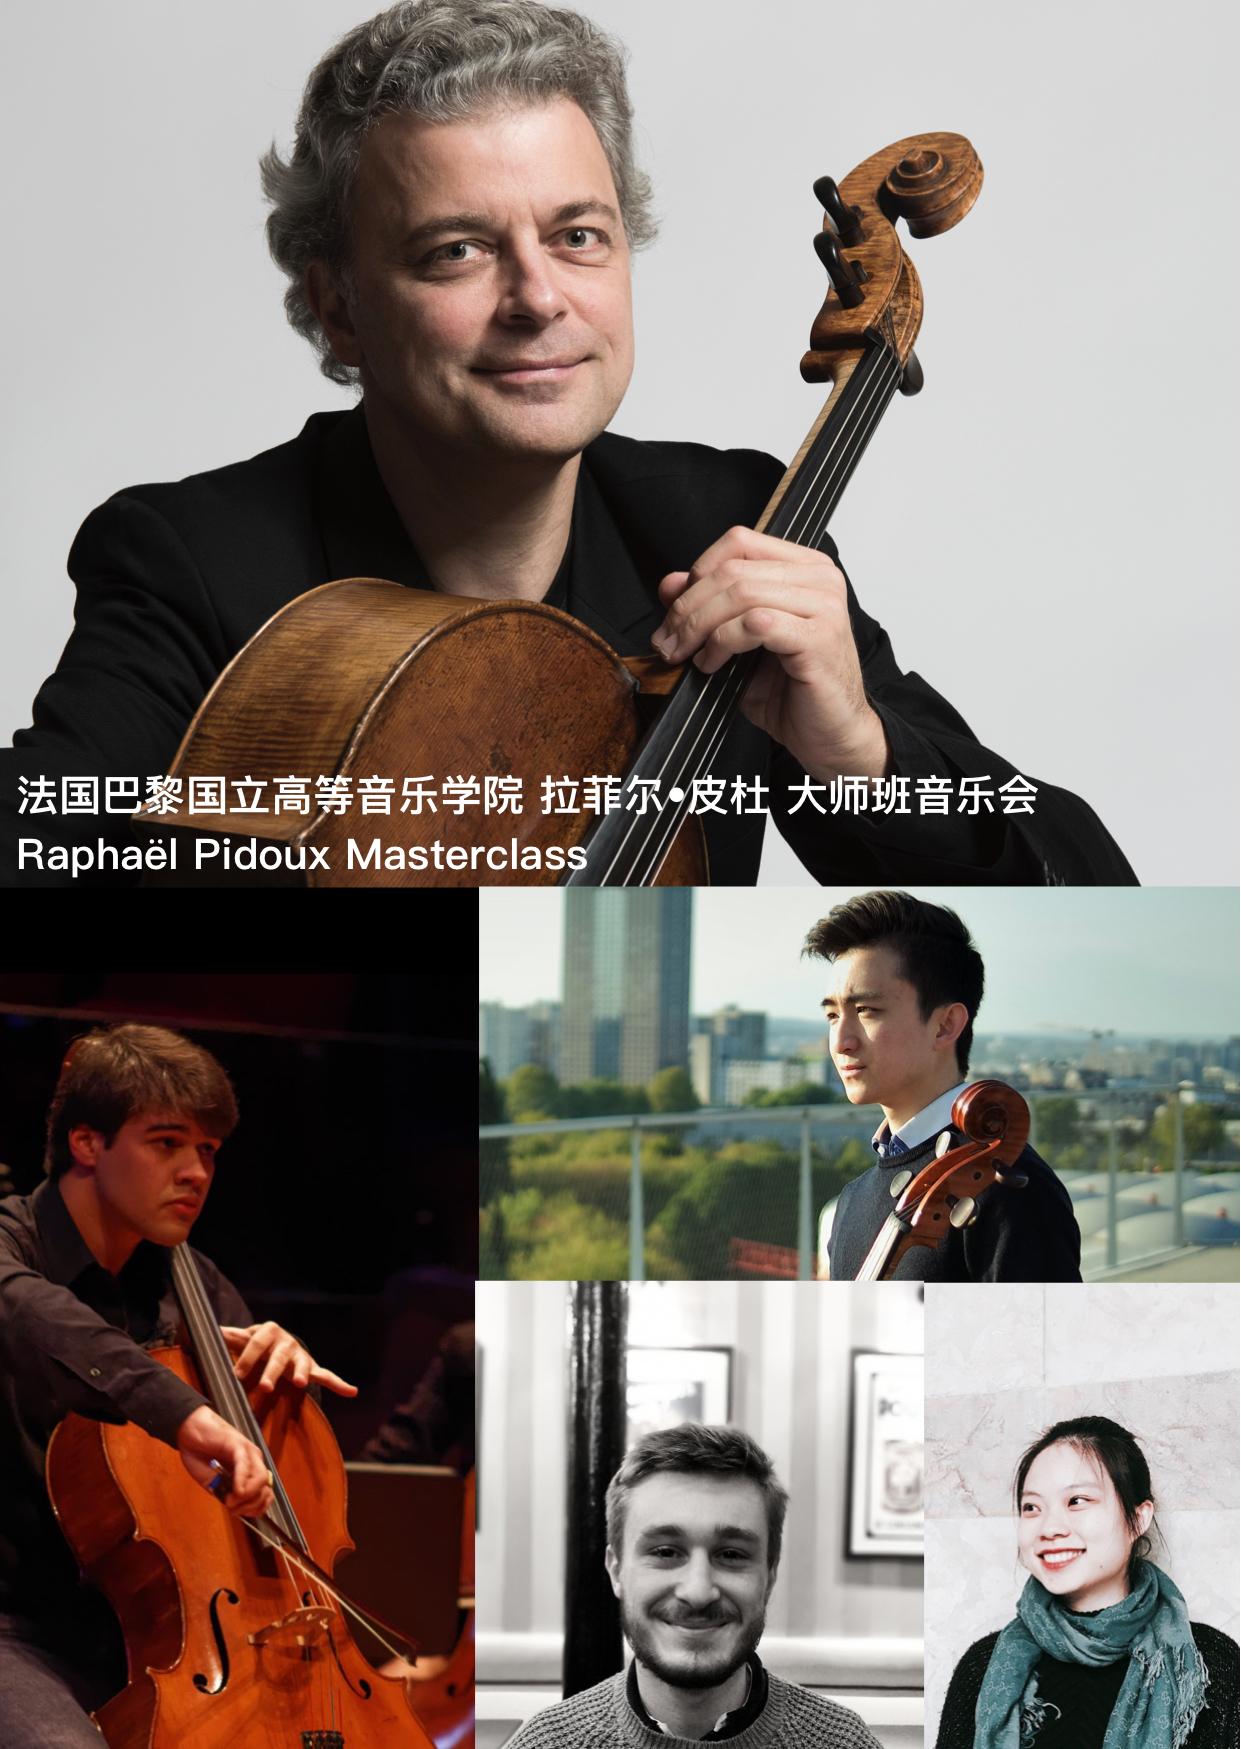 法国巴黎国立高等音乐学院拉斐尔·皮杜教授